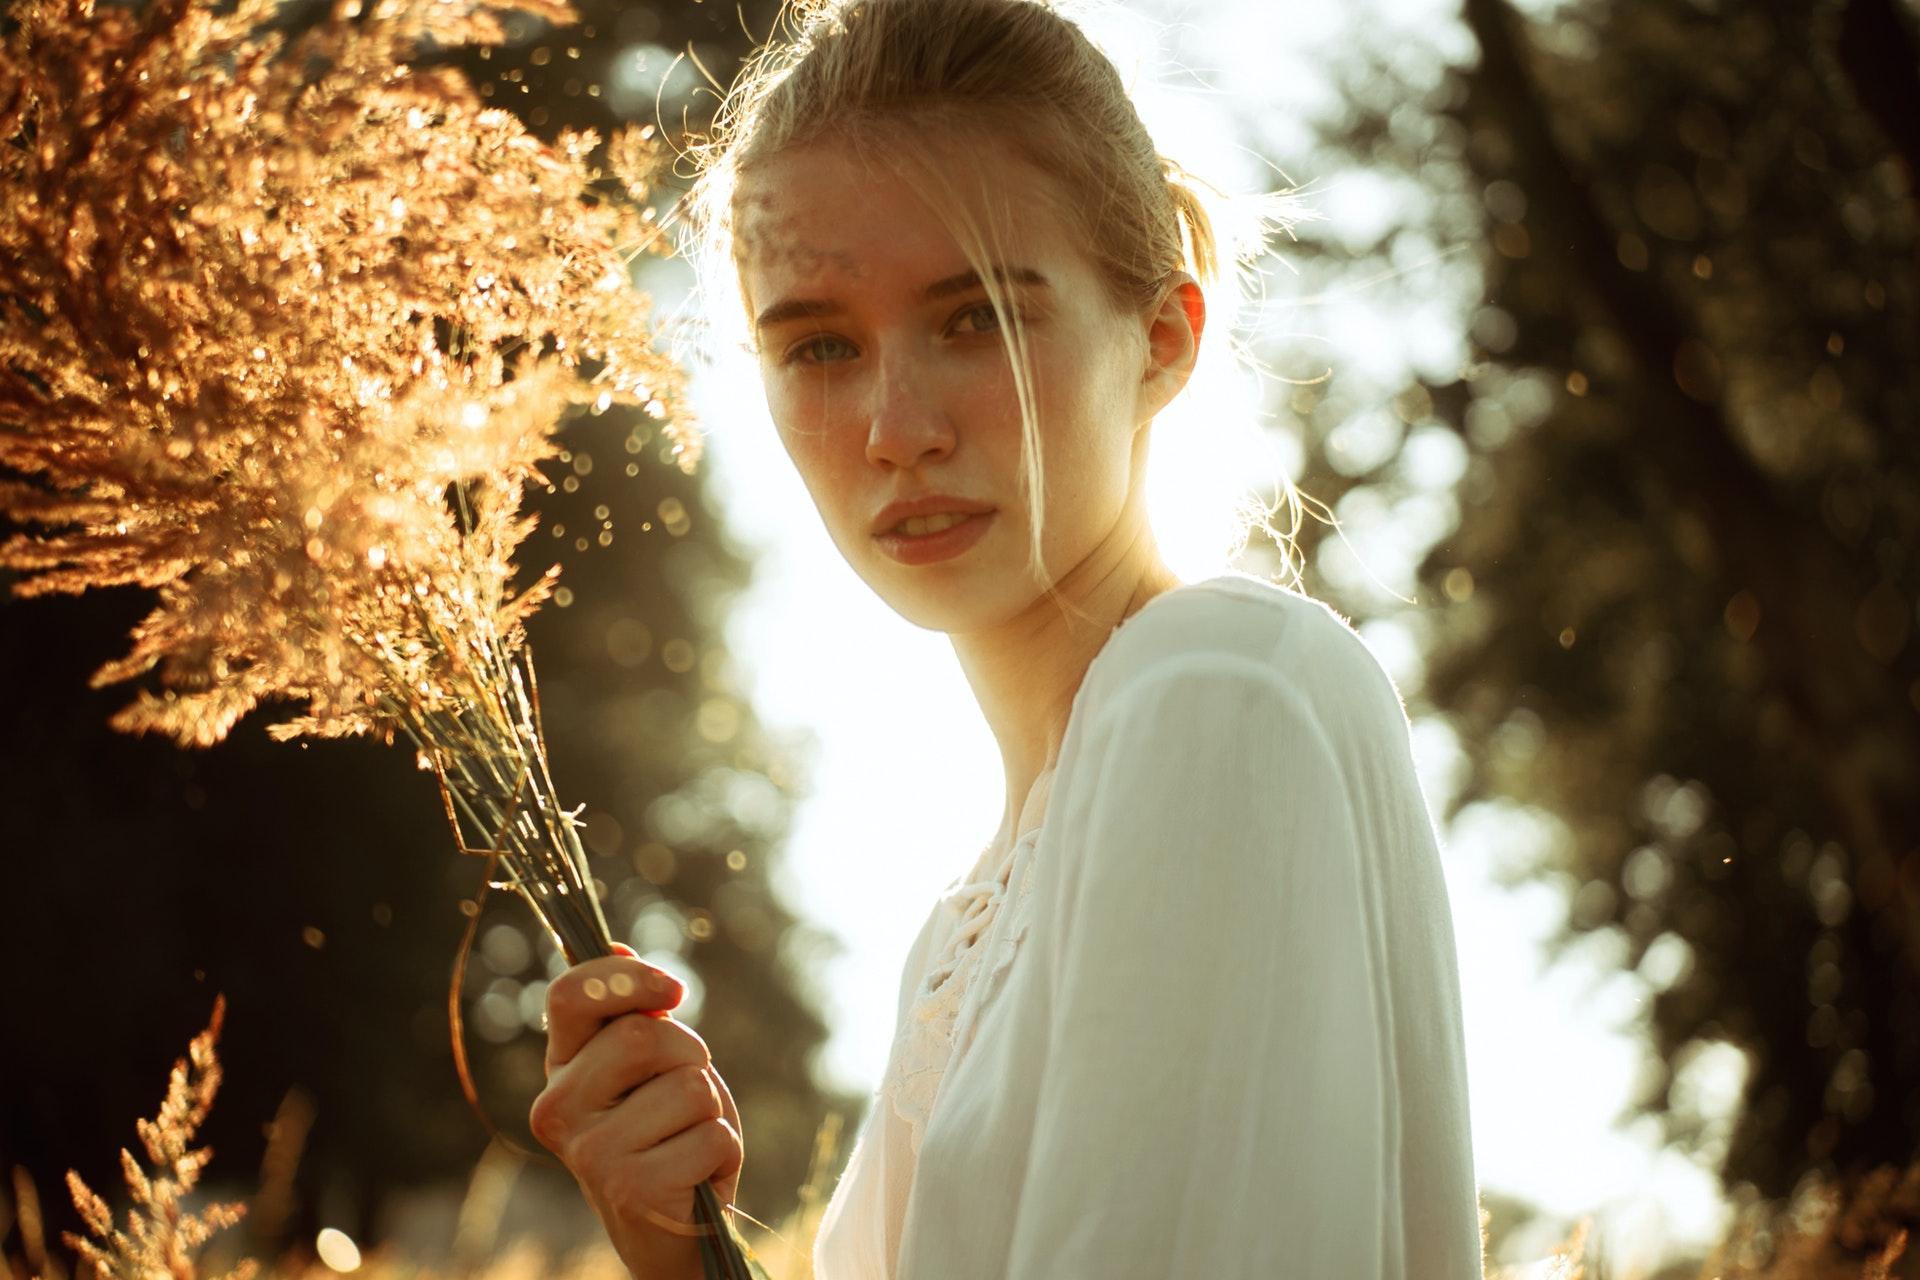 Chica con una rama seca